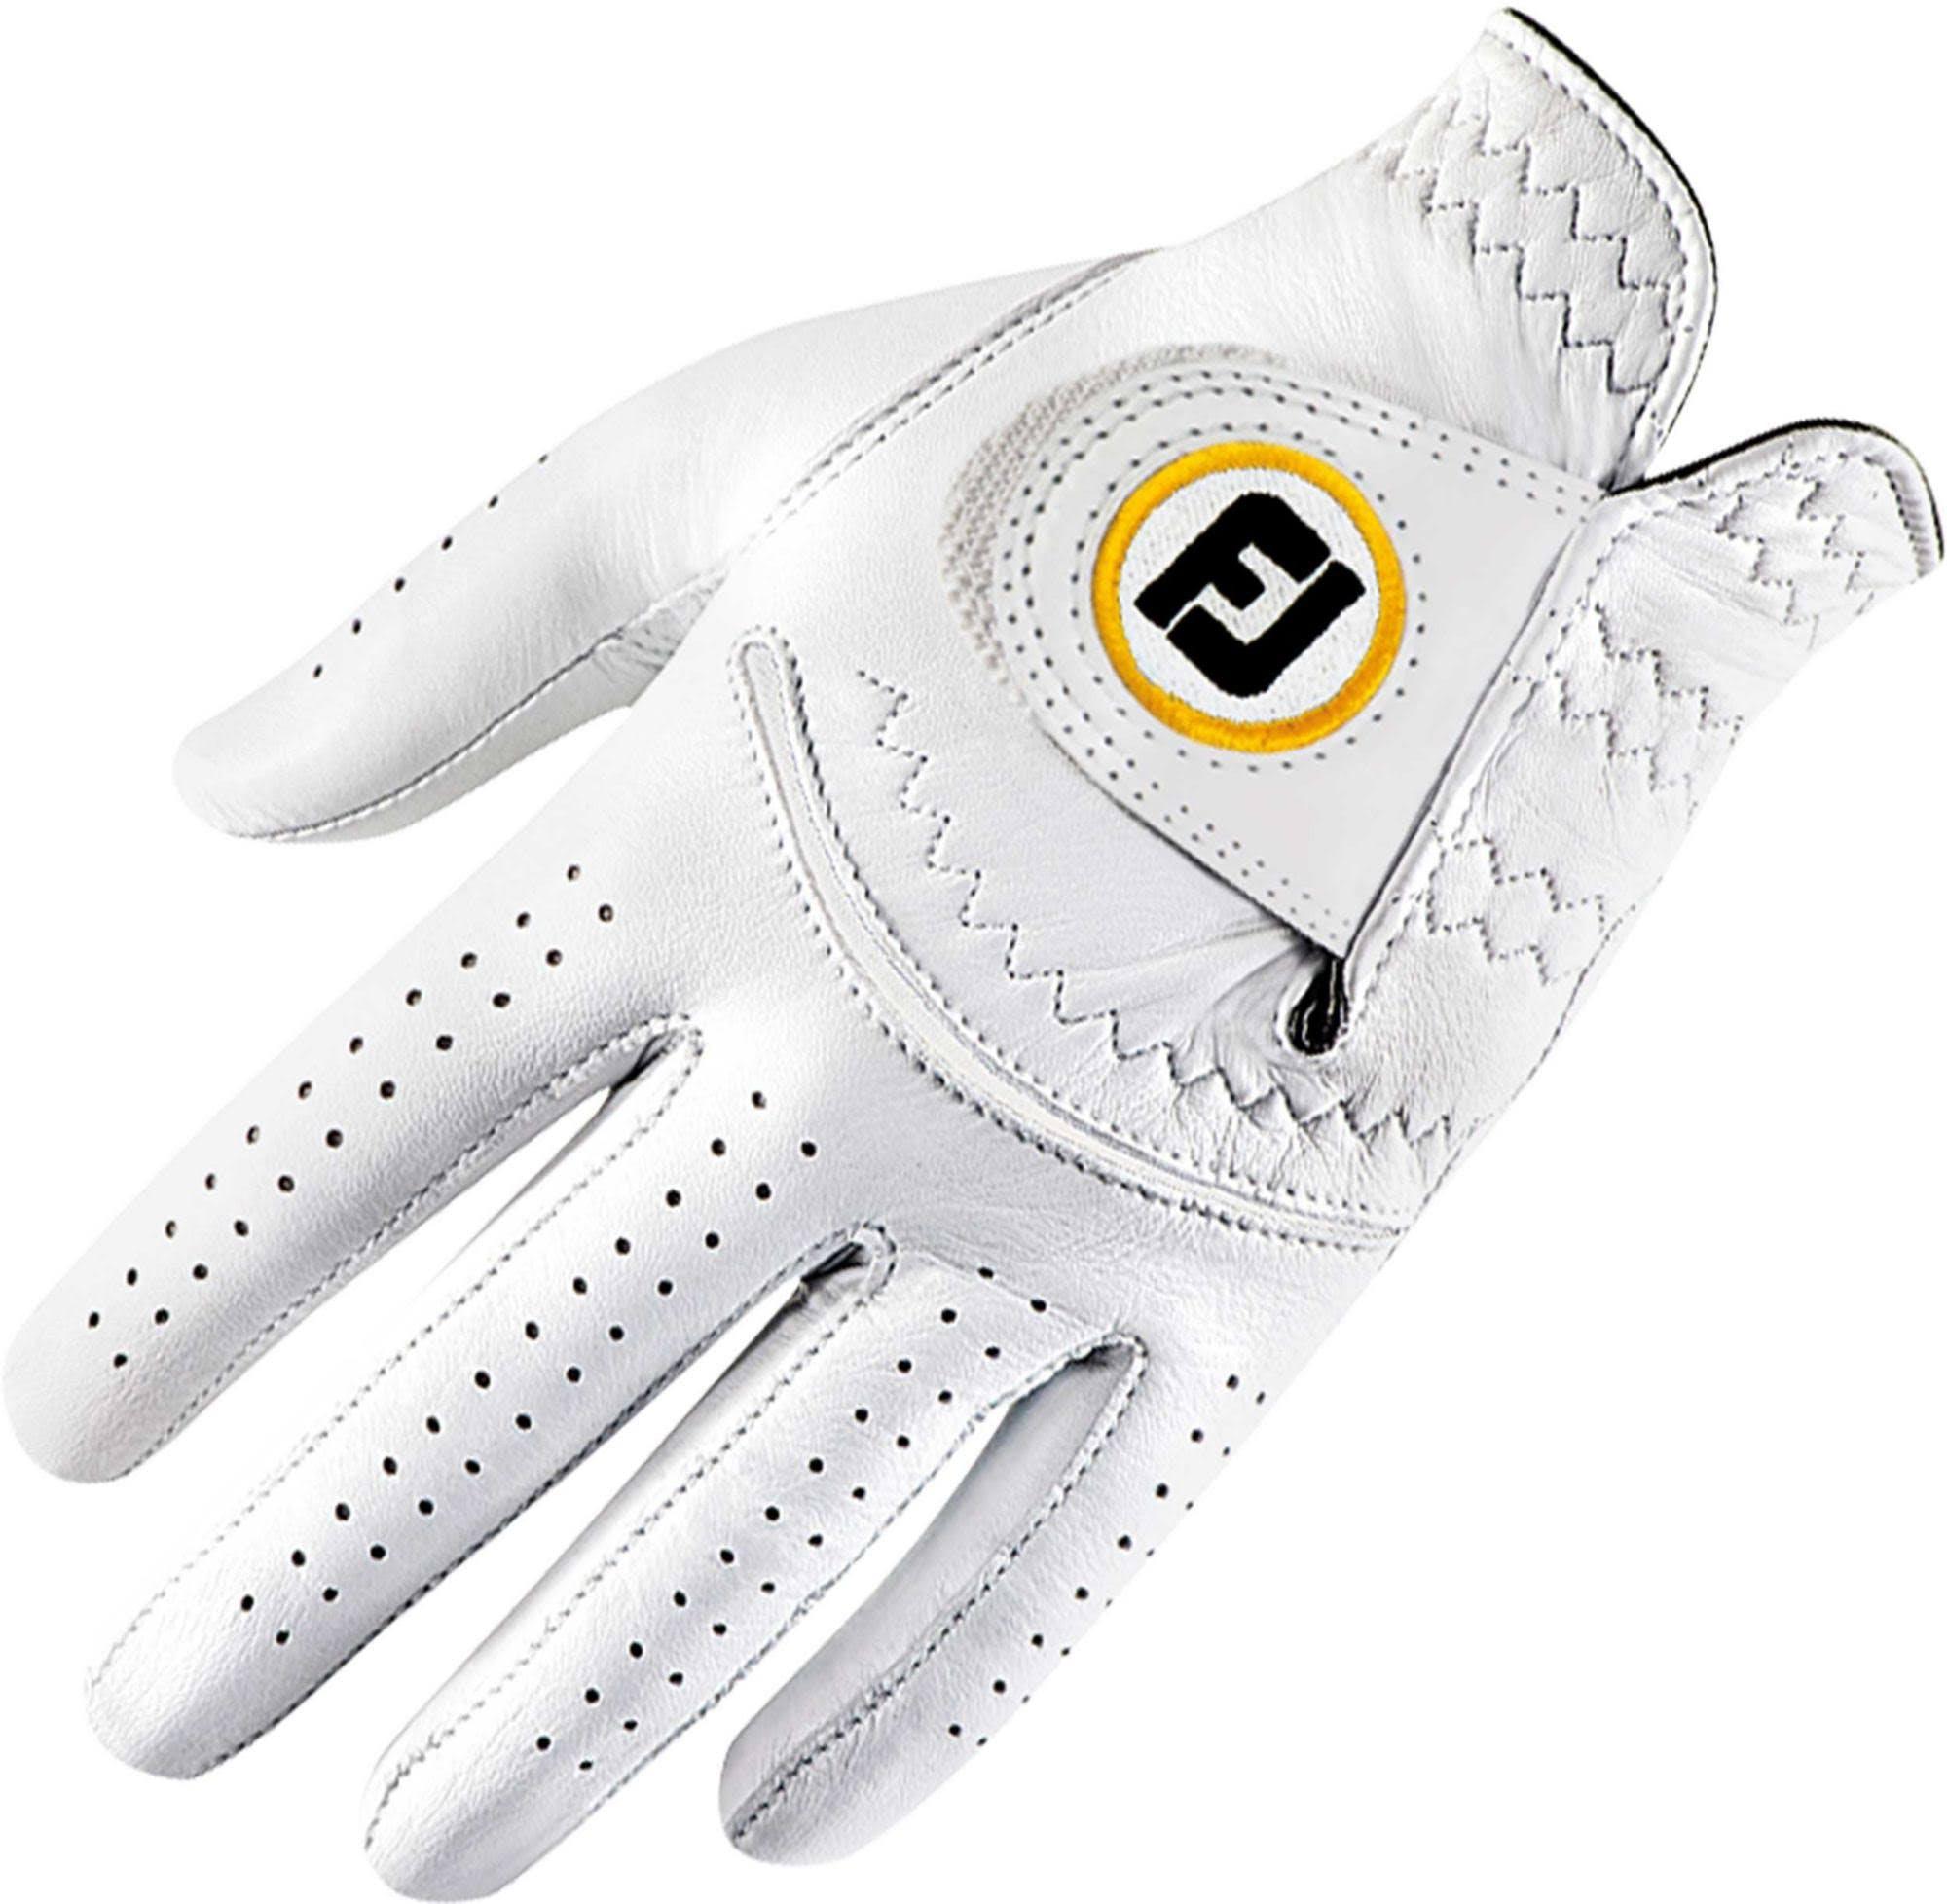 FootJoy Women's StaSof Golf Glove (White, Regular)